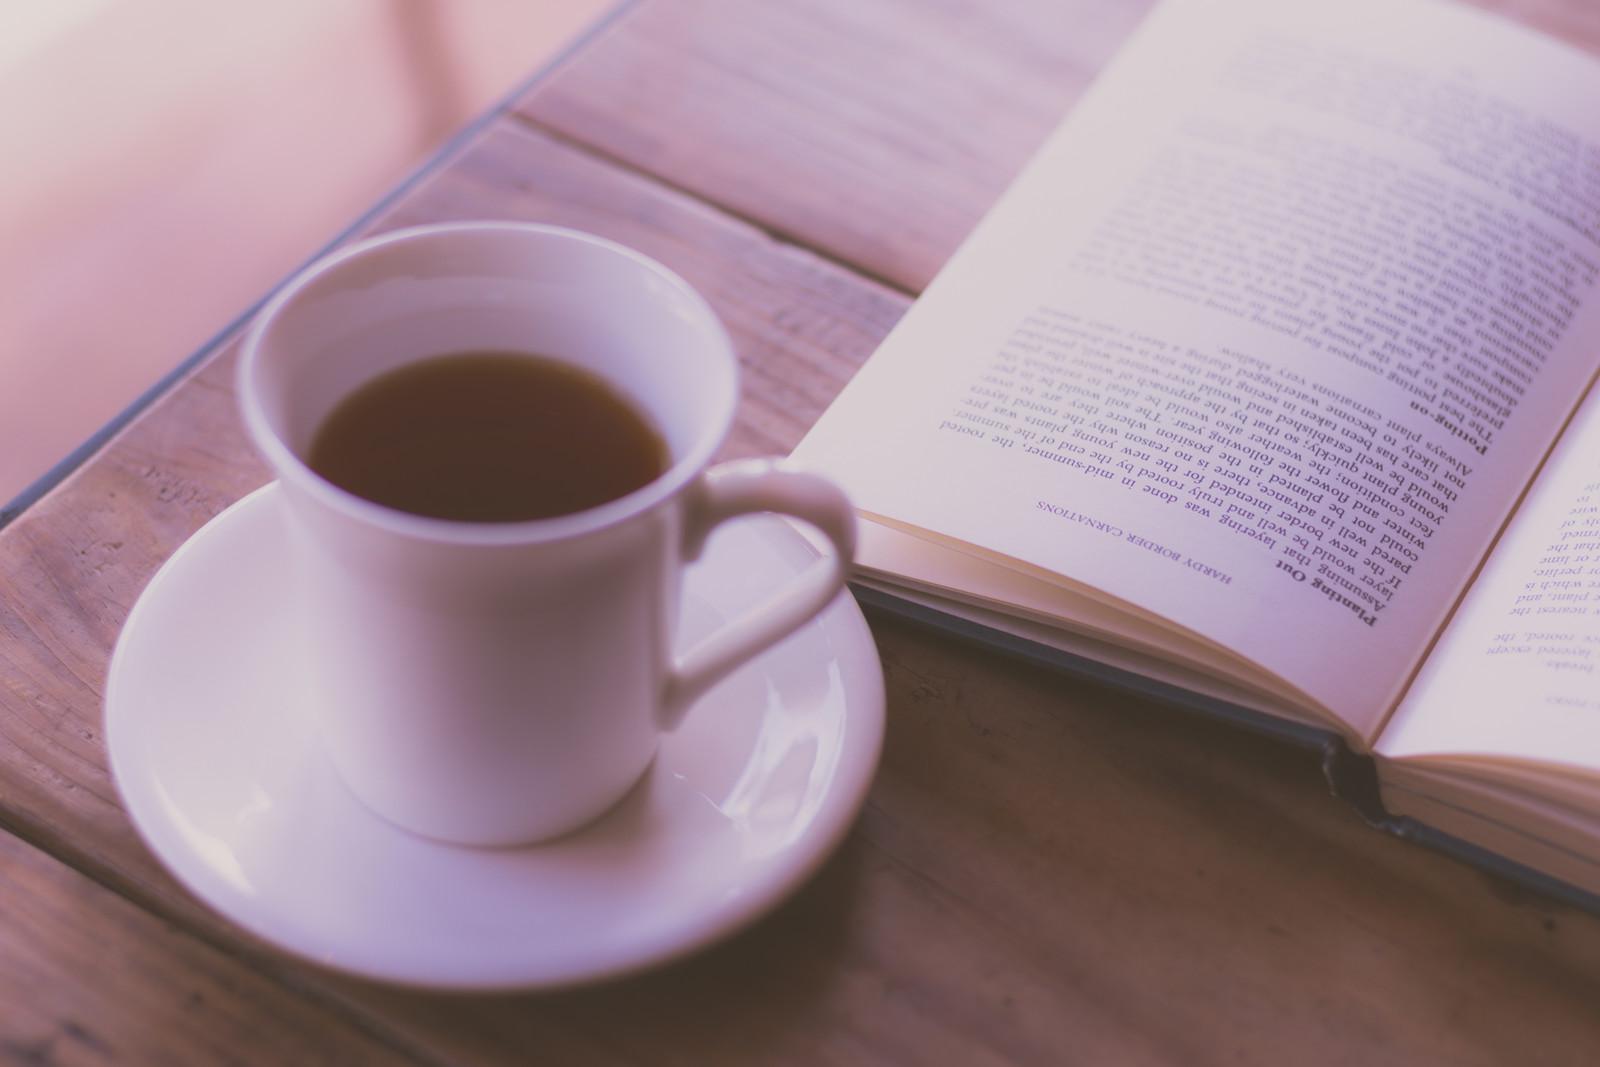 効率的に本を読む速読の概要やトレーニング方法とは?